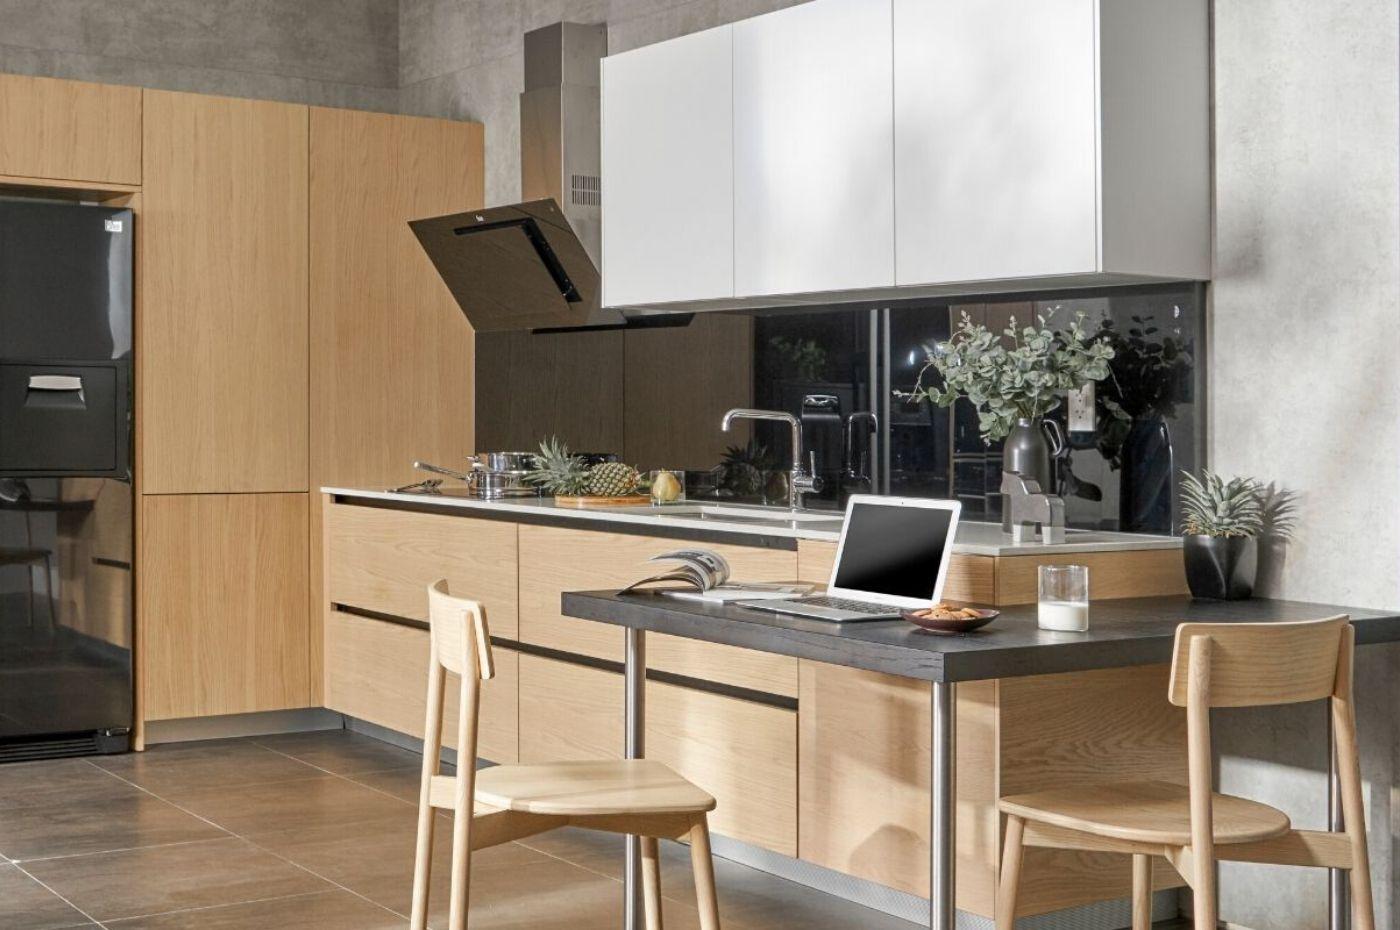 Những mẫu tủ bếp gỗ sồi trắng đẹp-4